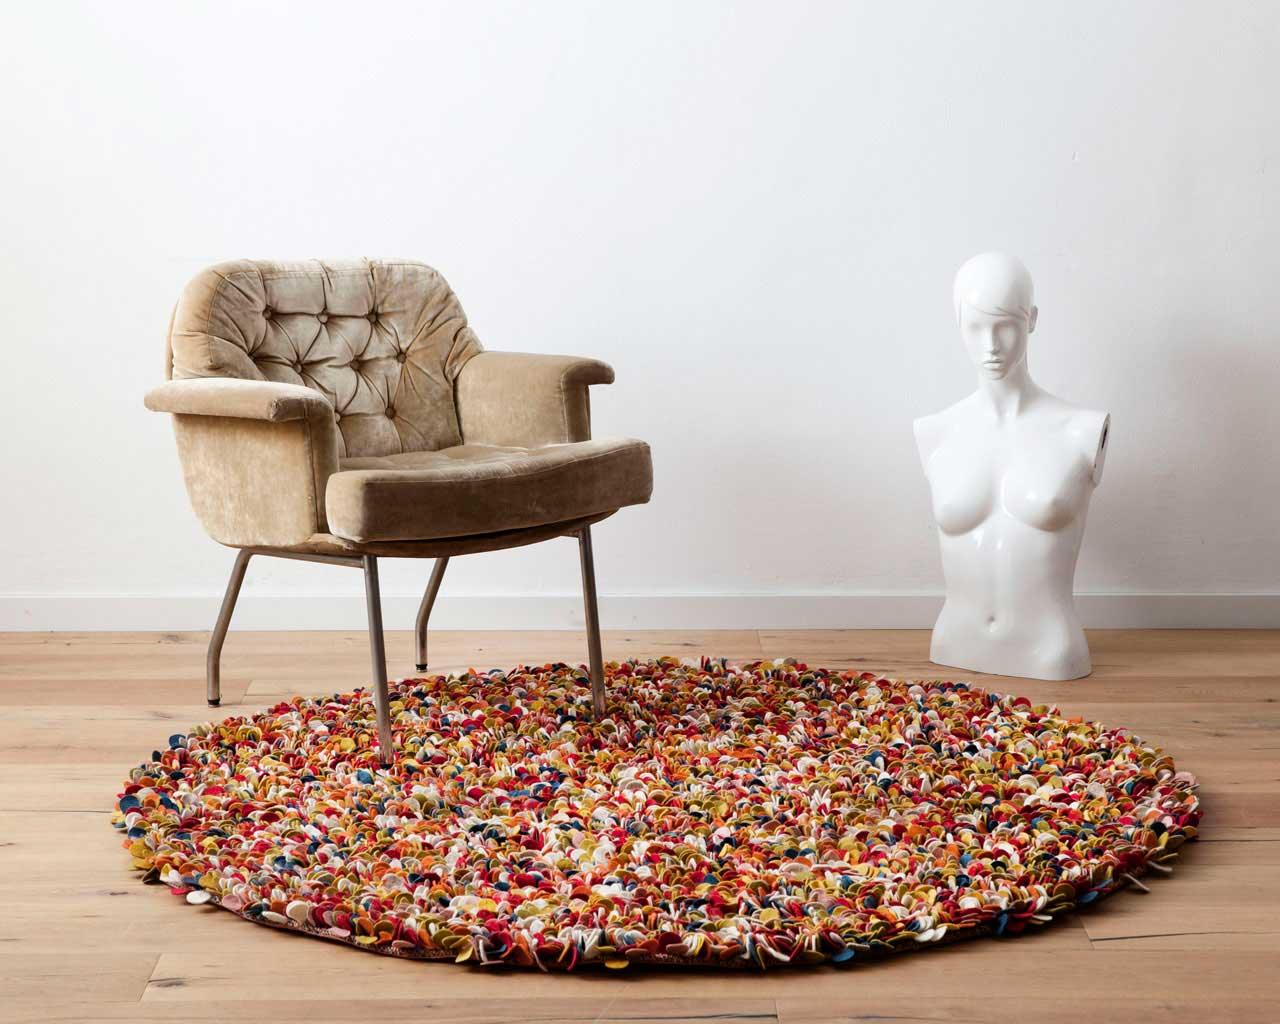 acquistare tappeti fatti a mano online sukhi